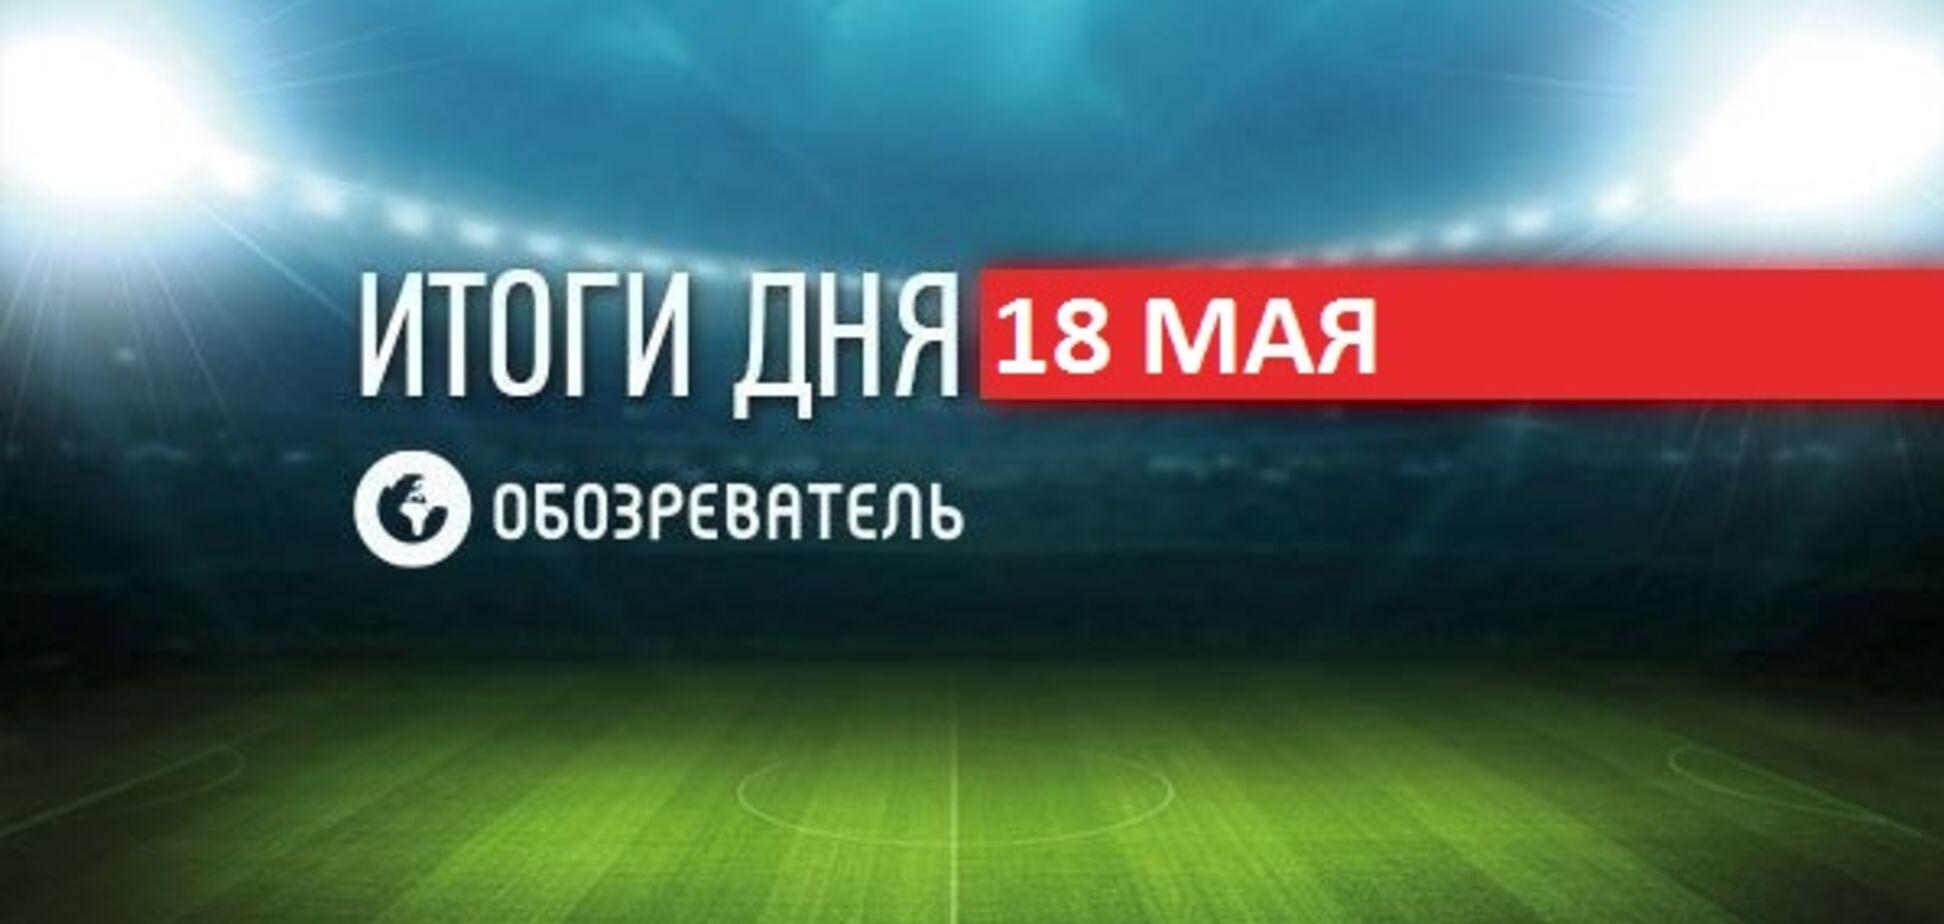 Усика та Ломаченка завалили критикою: спортивні підсумки 18 травня